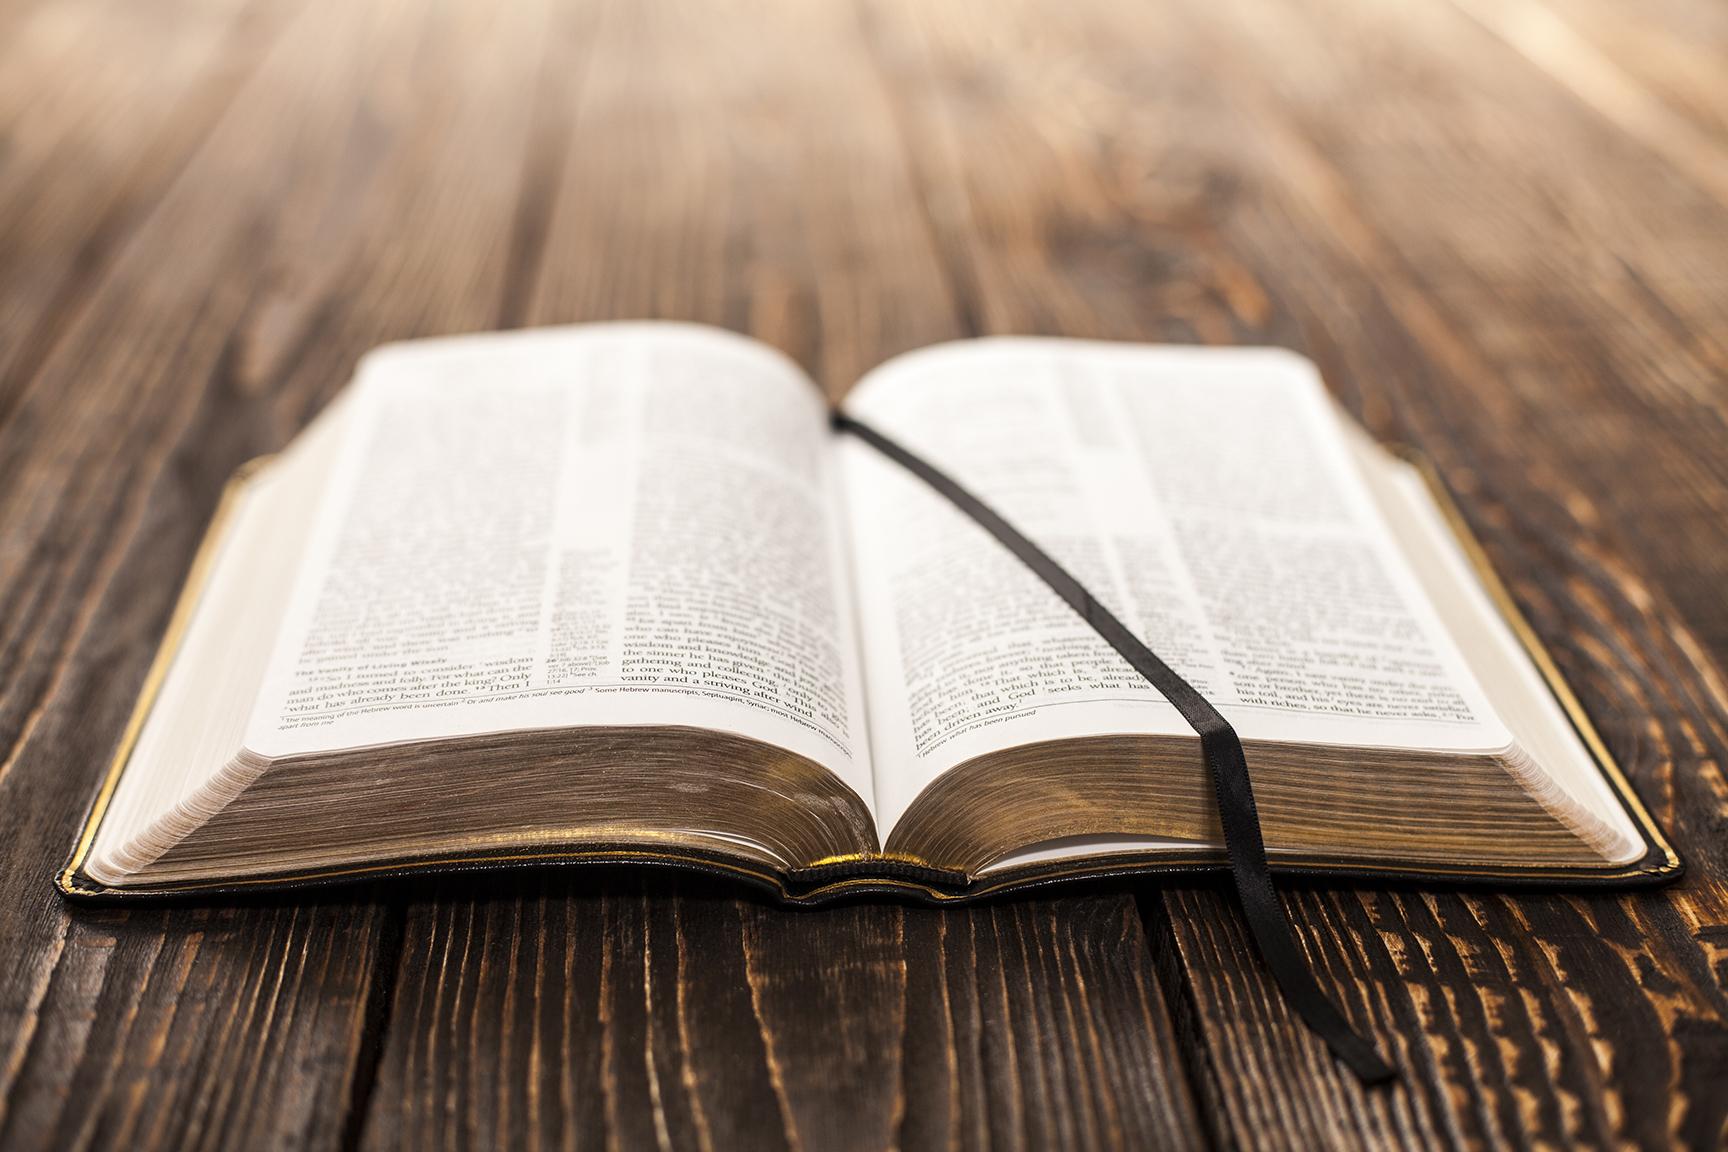 오늘의 성경 읽기 - 생명의 양식으로 하루를 시작하세요